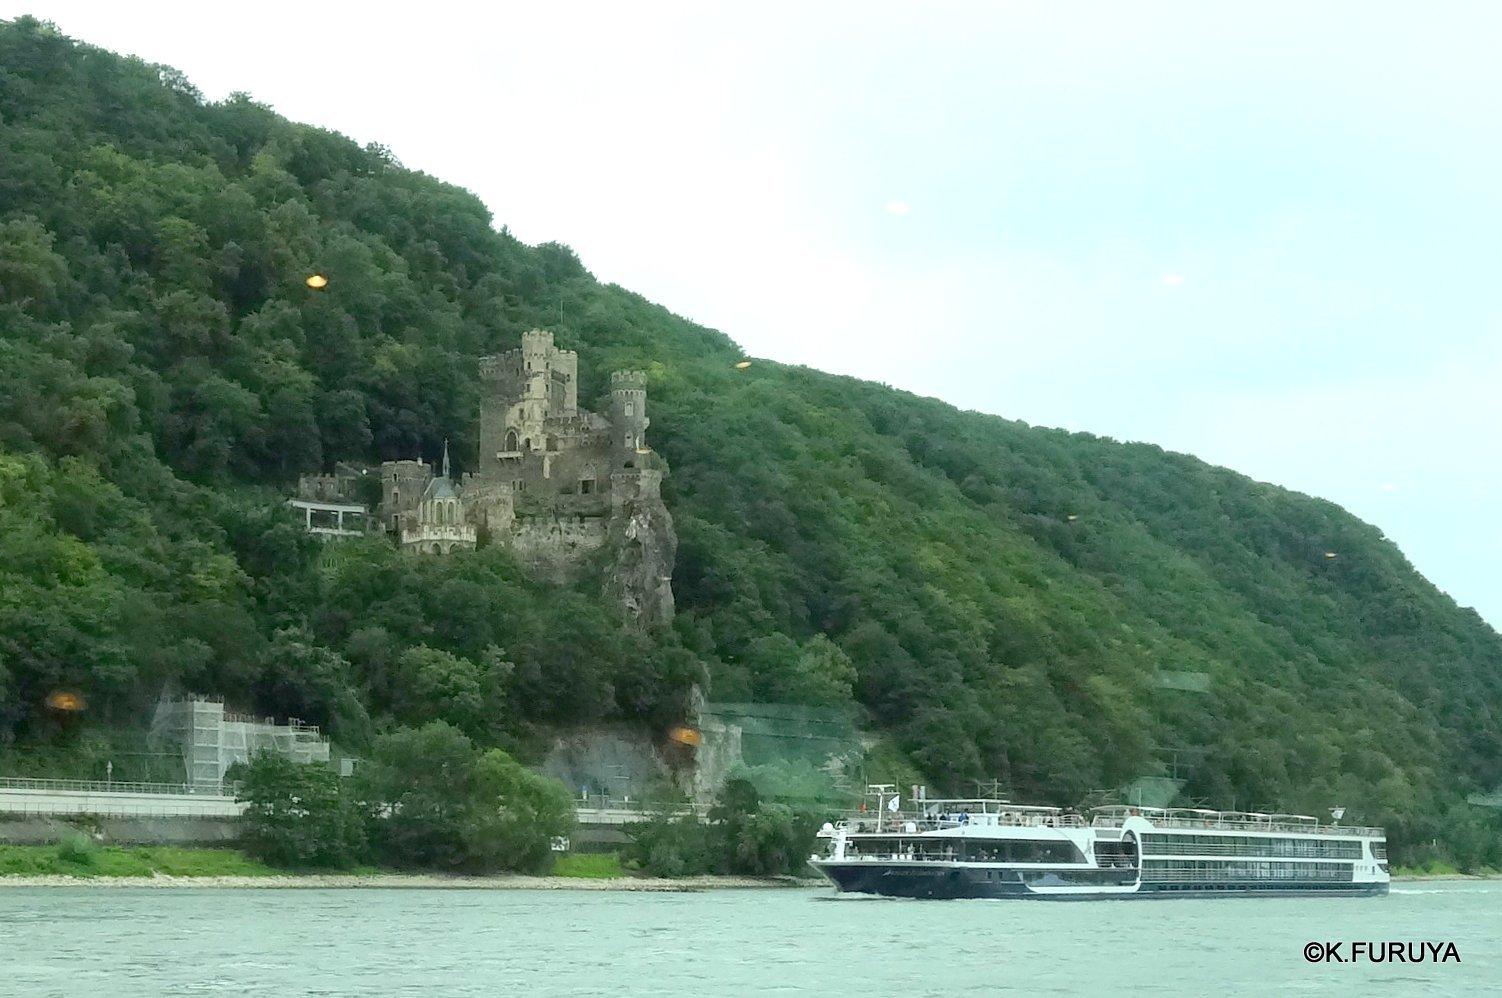 ドイツ9日間の旅 16 ライン川クルーズは寒かった… _a0092659_22353220.jpg